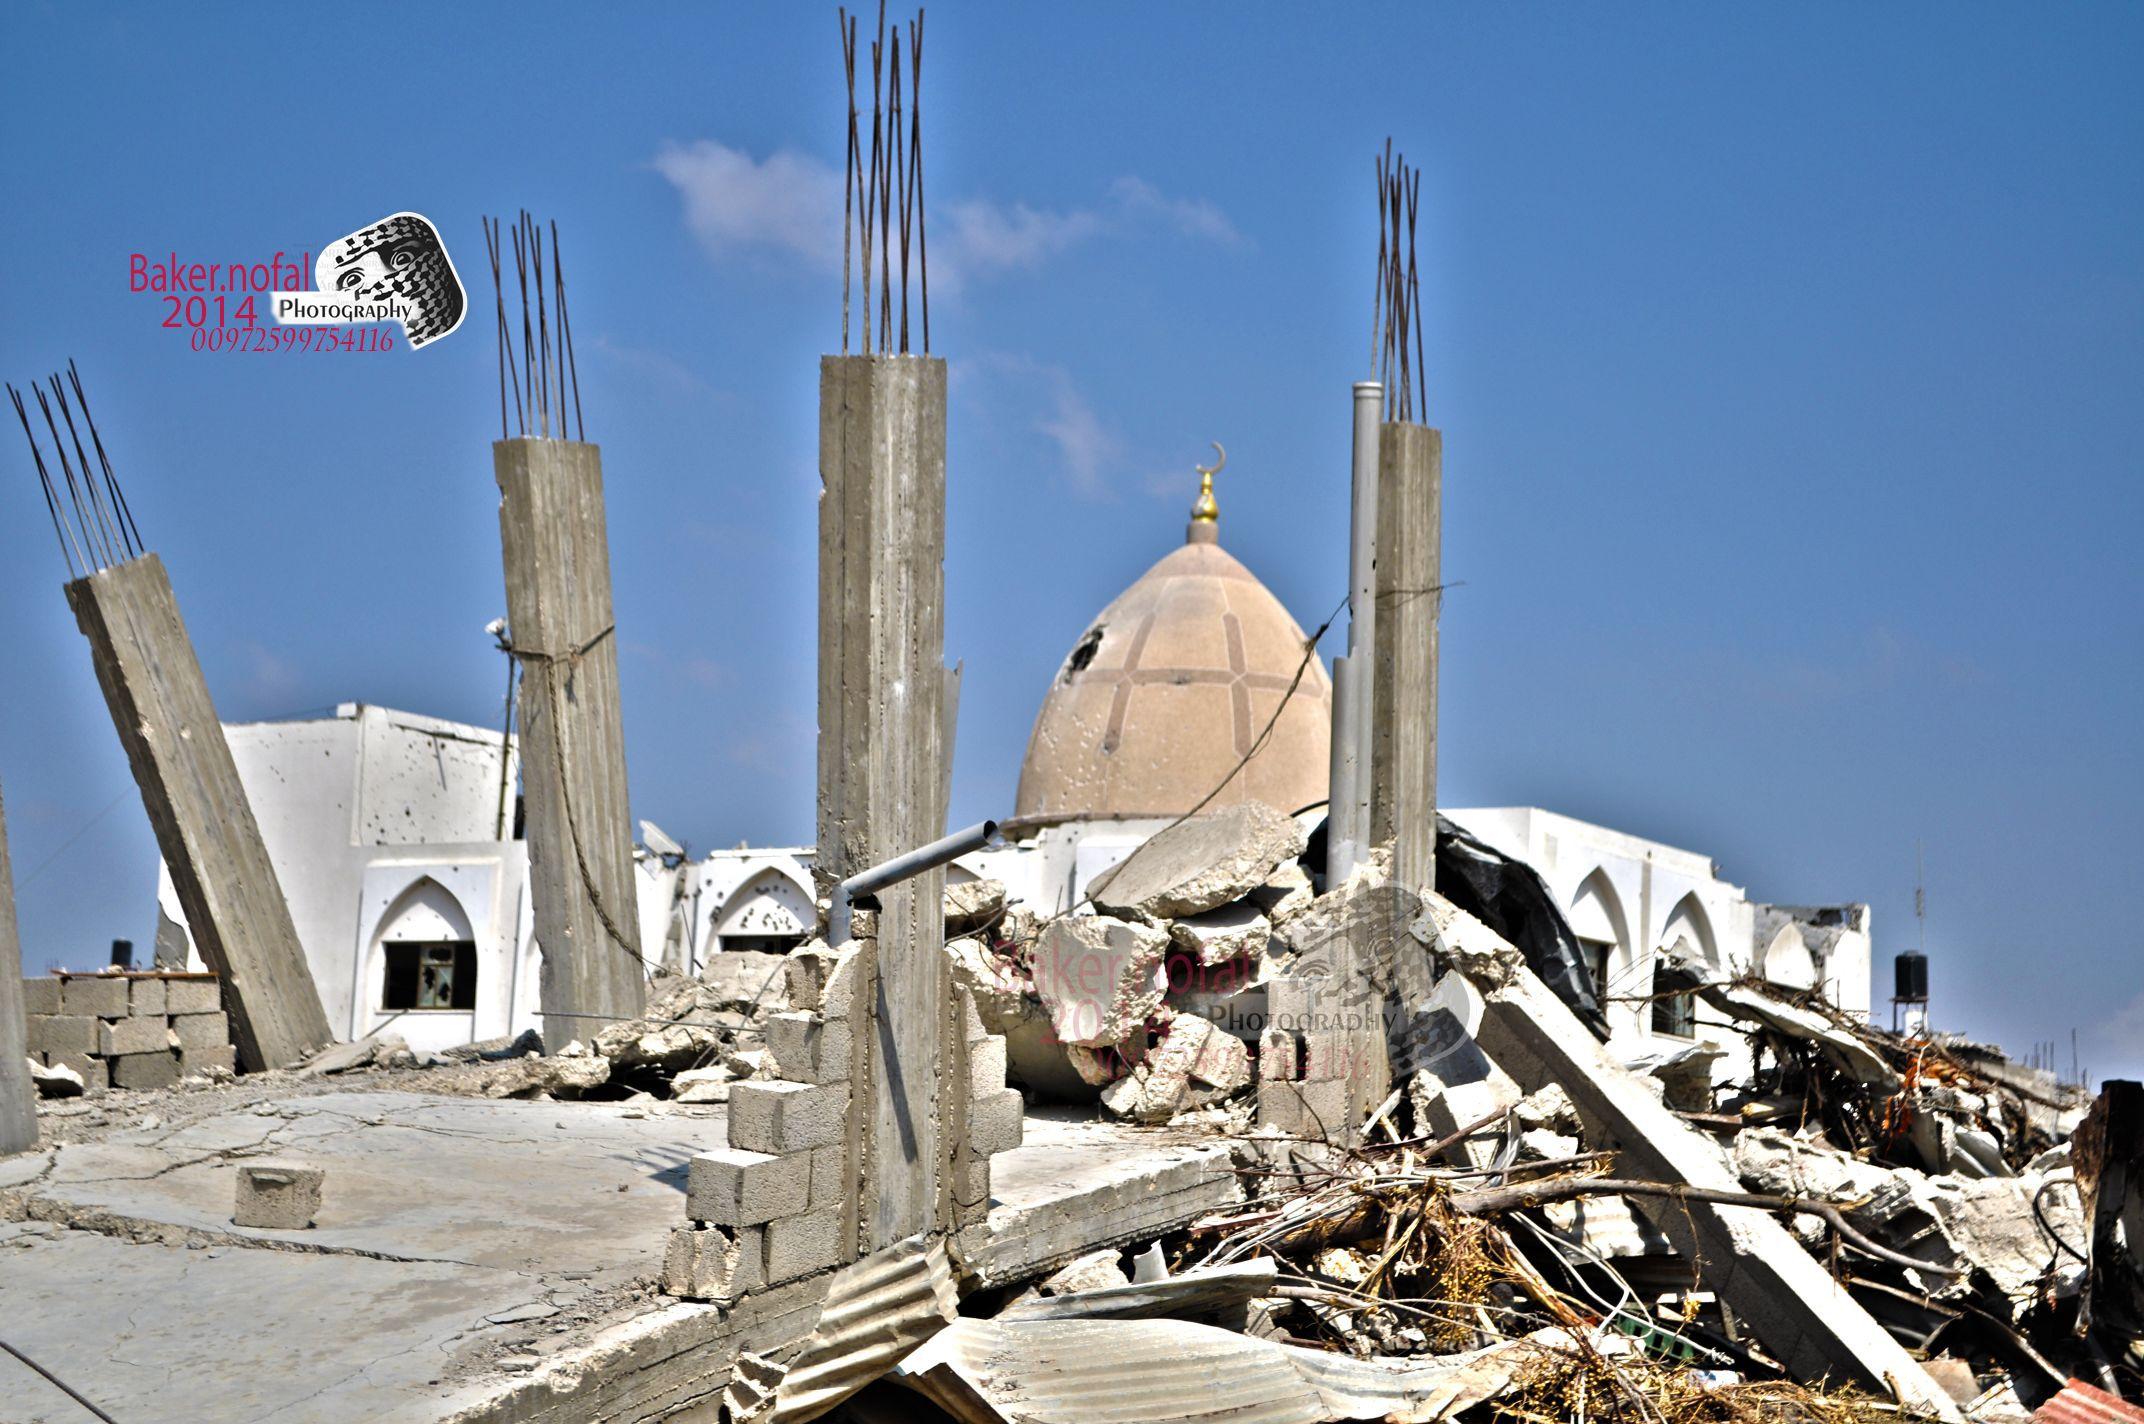 المساجد التى دمرها الإحتلال الإسرائيلي فى قطاع غزة Mosques Destroyed By The Israeli Occupation In The Gaza Strip Palestinian Gaza Landmarks